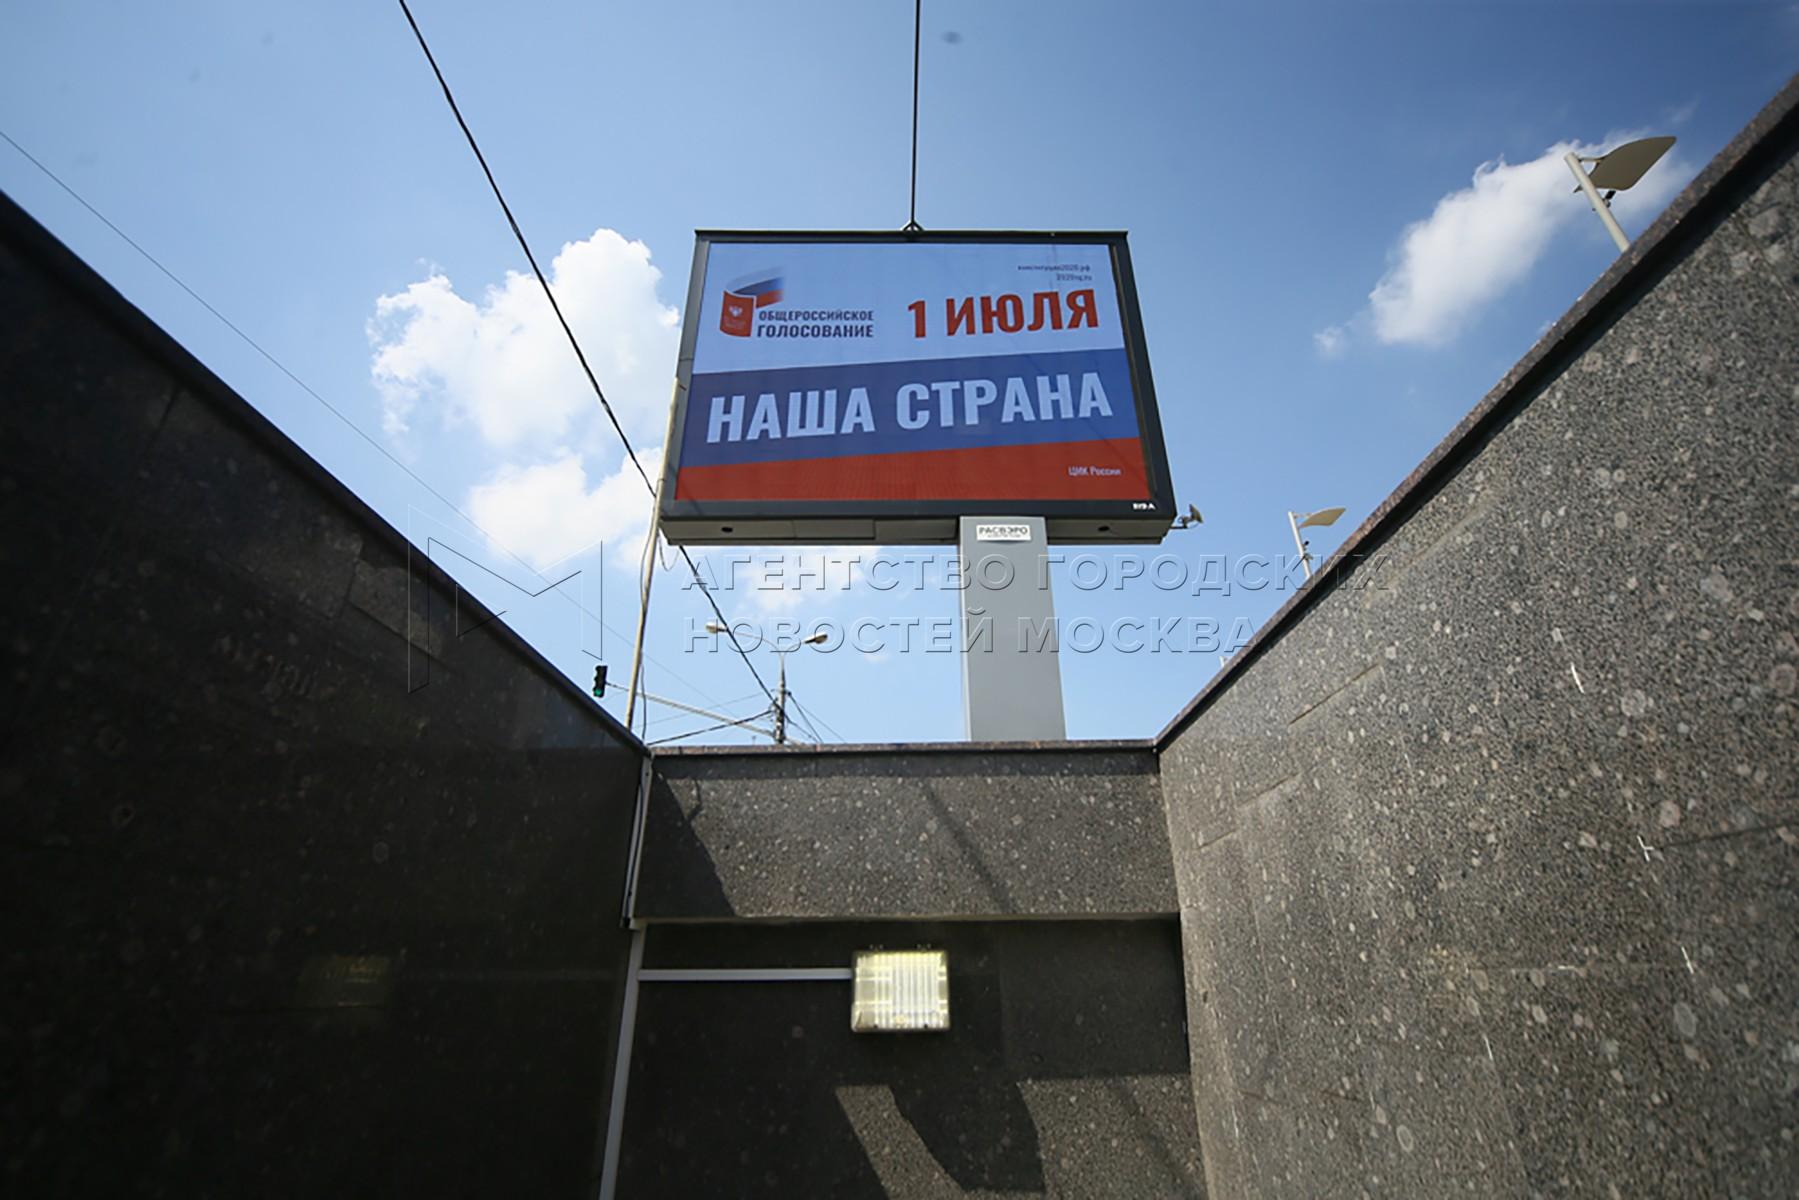 Рекламные щиты к общероссийскому голосованию по внесению поправок в Конституцию РФ на улицах Москвы.